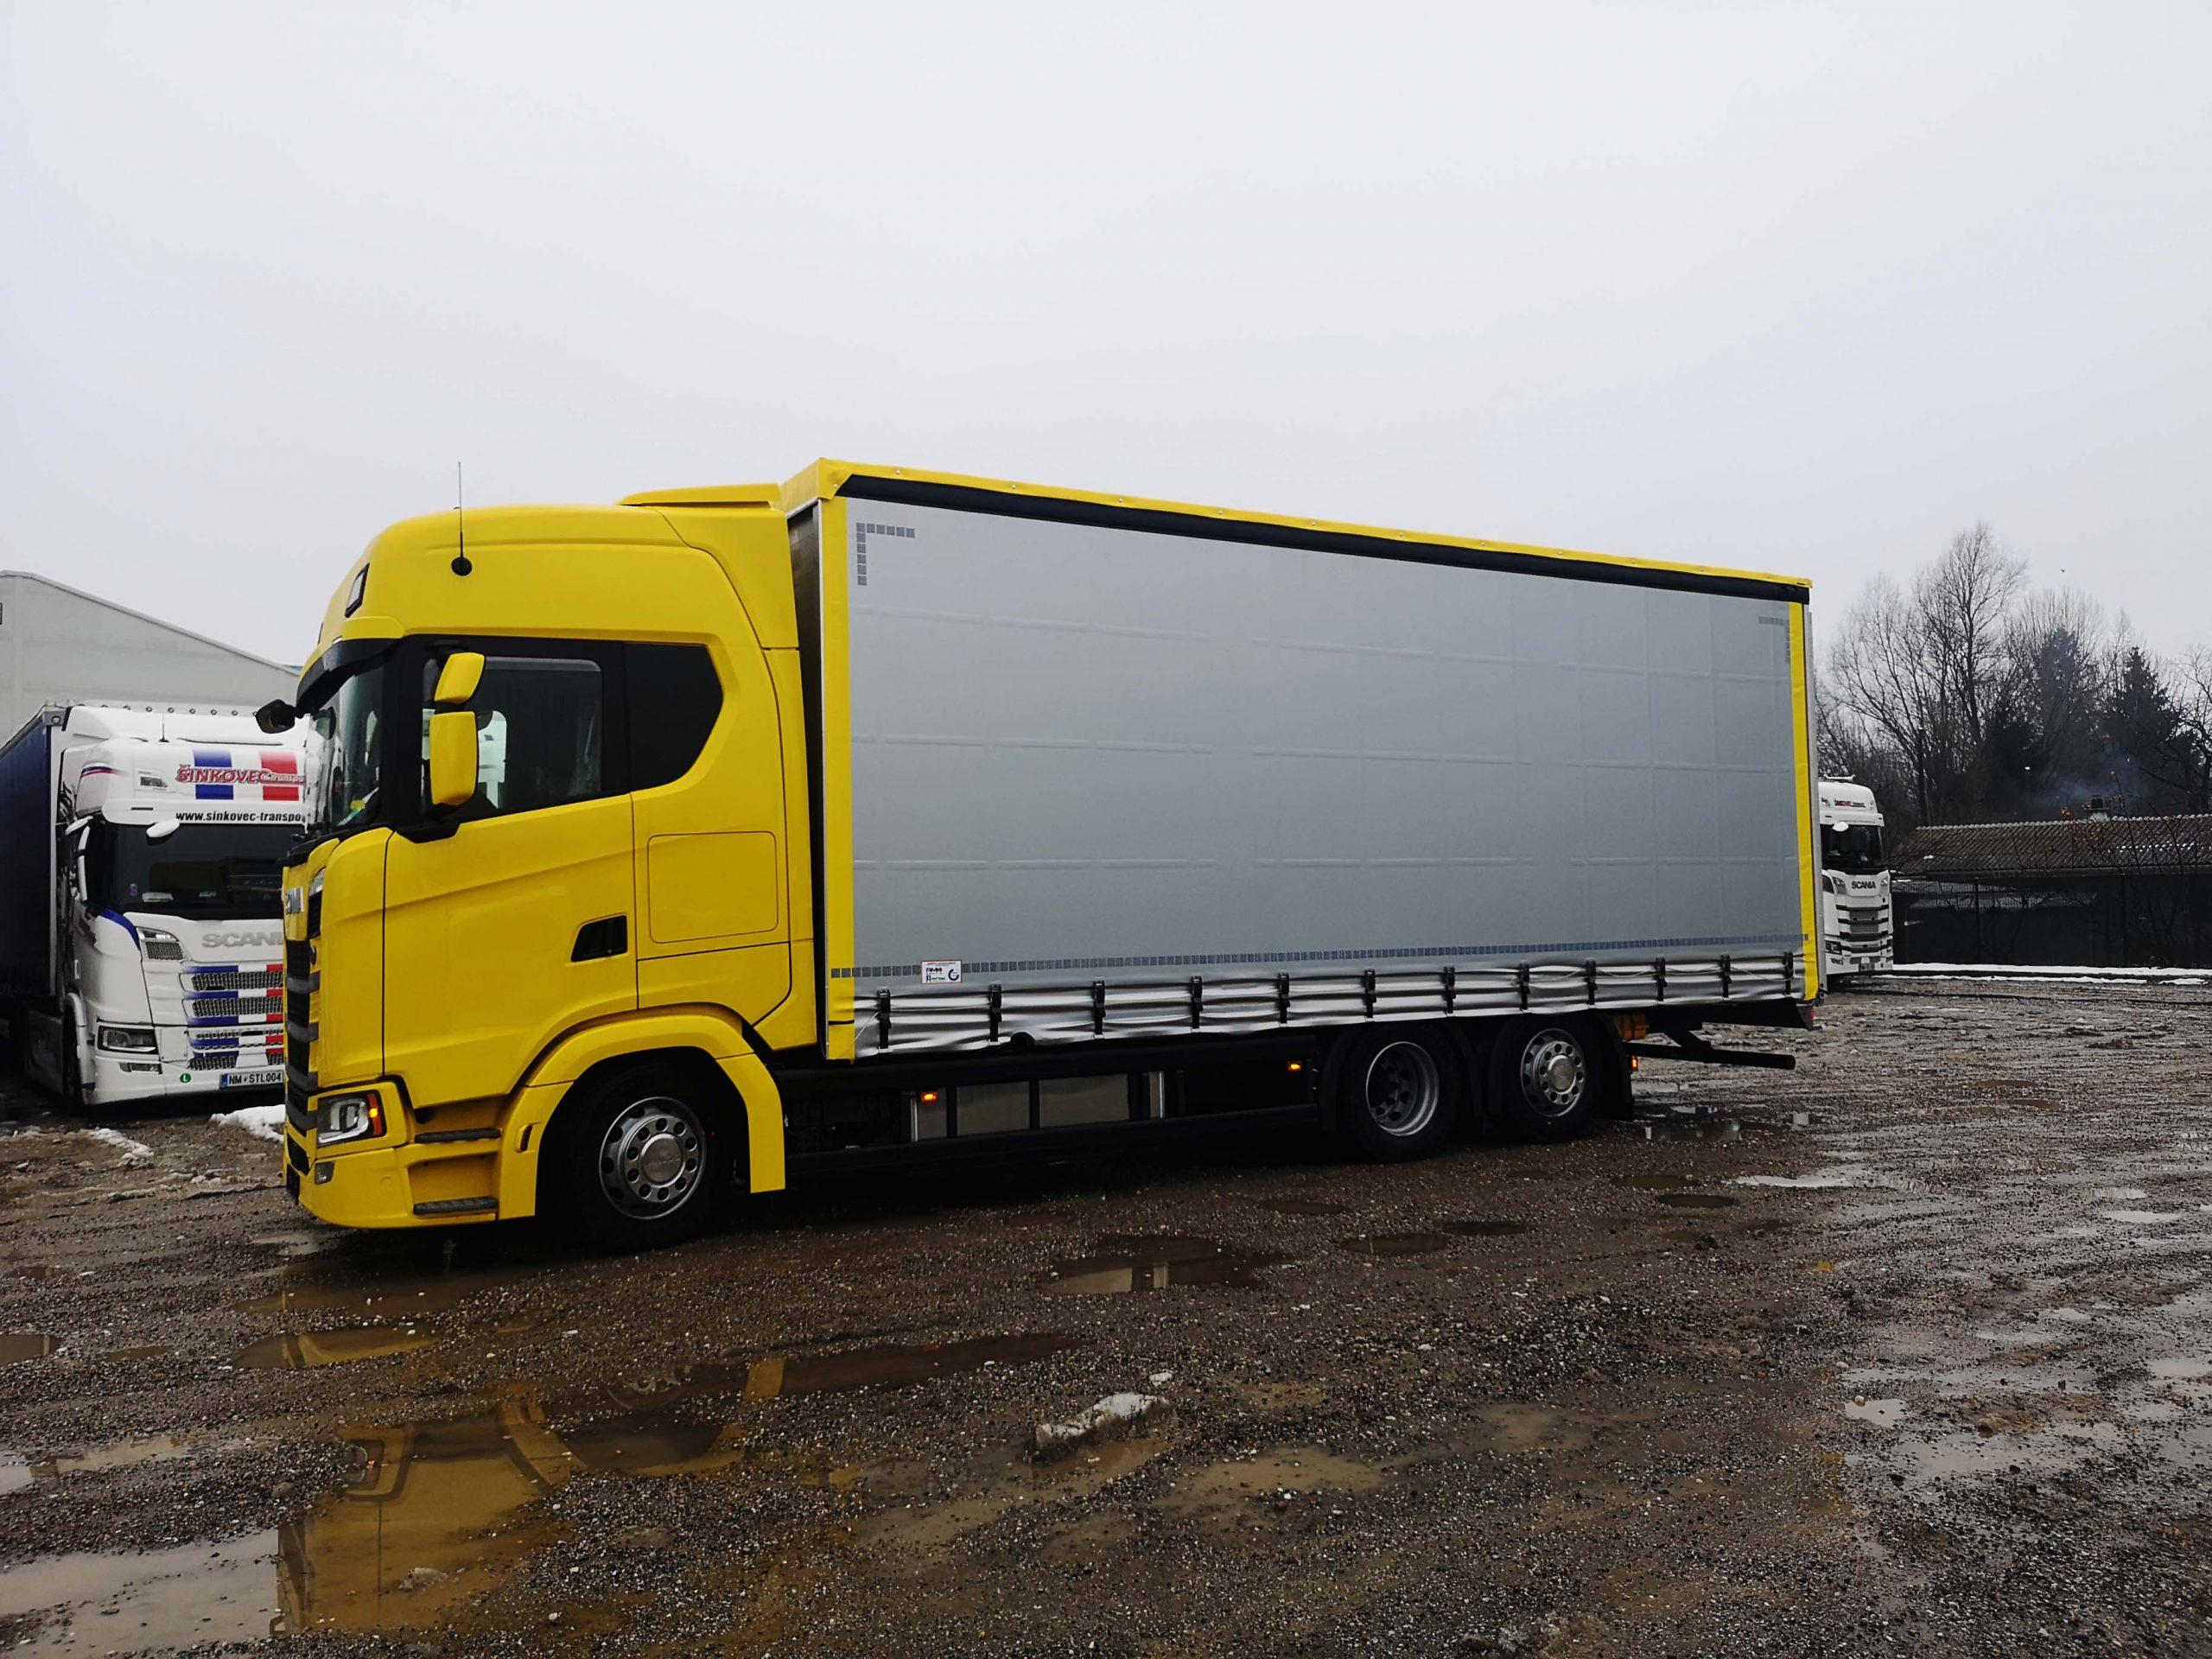 Scania z AMK-VRESTRO nadgradnjo